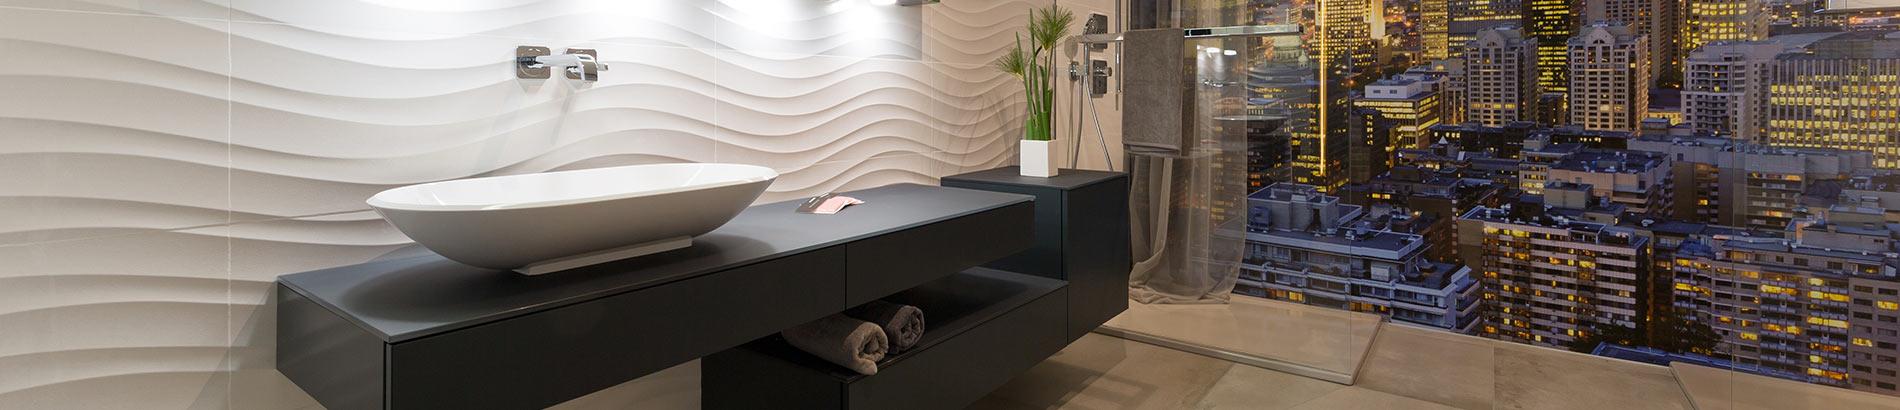 naturstein fliesen furs bad bad fliesen ideen moderne naturstein f r travertin. Black Bedroom Furniture Sets. Home Design Ideas